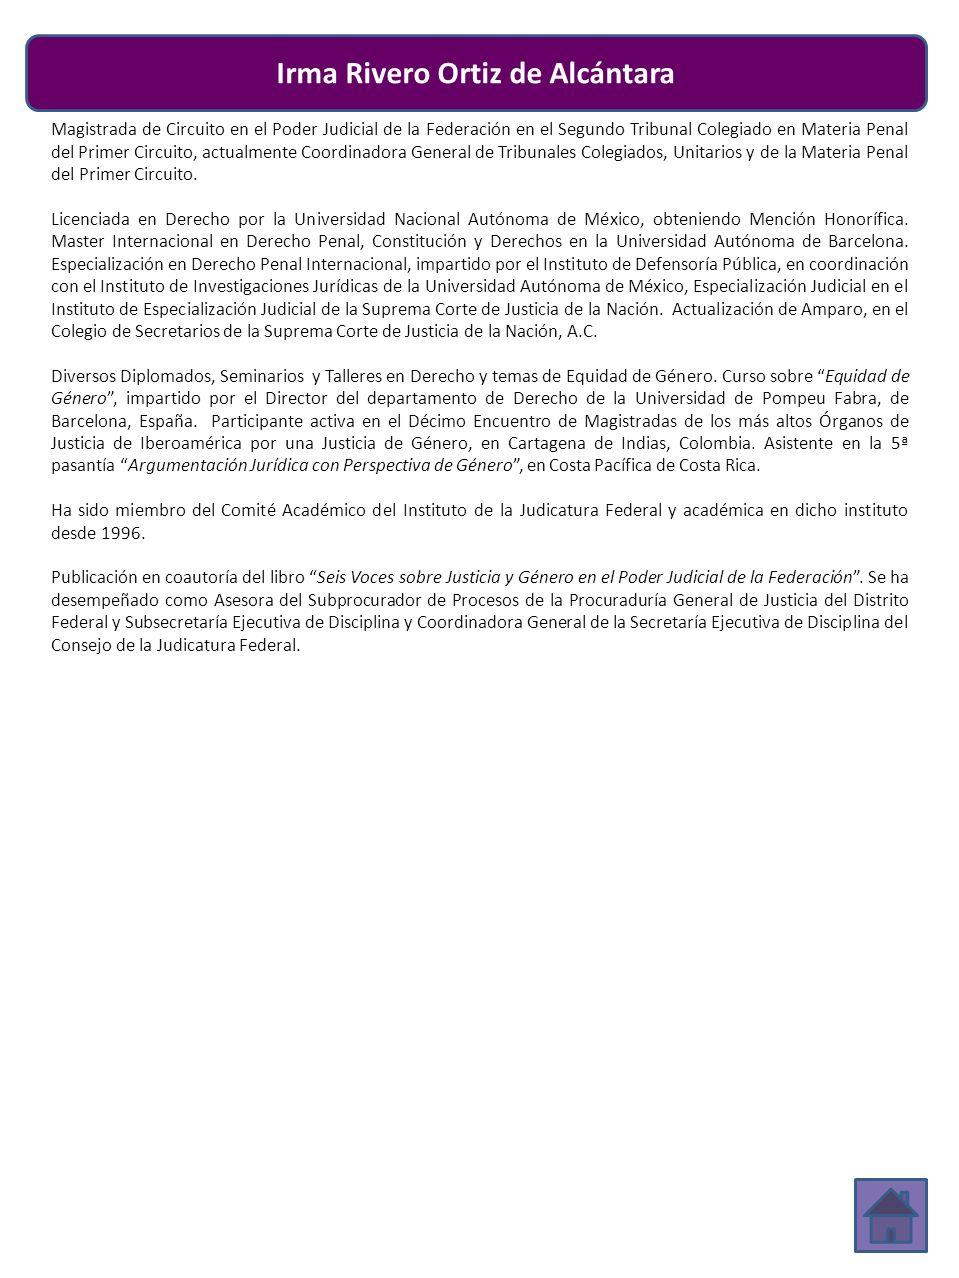 Irma Rivero Ortiz de Alcántara Magistrada de Circuito en el Poder Judicial de la Federación en el Segundo Tribunal Colegiado en Materia Penal del Primer Circuito, actualmente Coordinadora General de Tribunales Colegiados, Unitarios y de la Materia Penal del Primer Circuito.